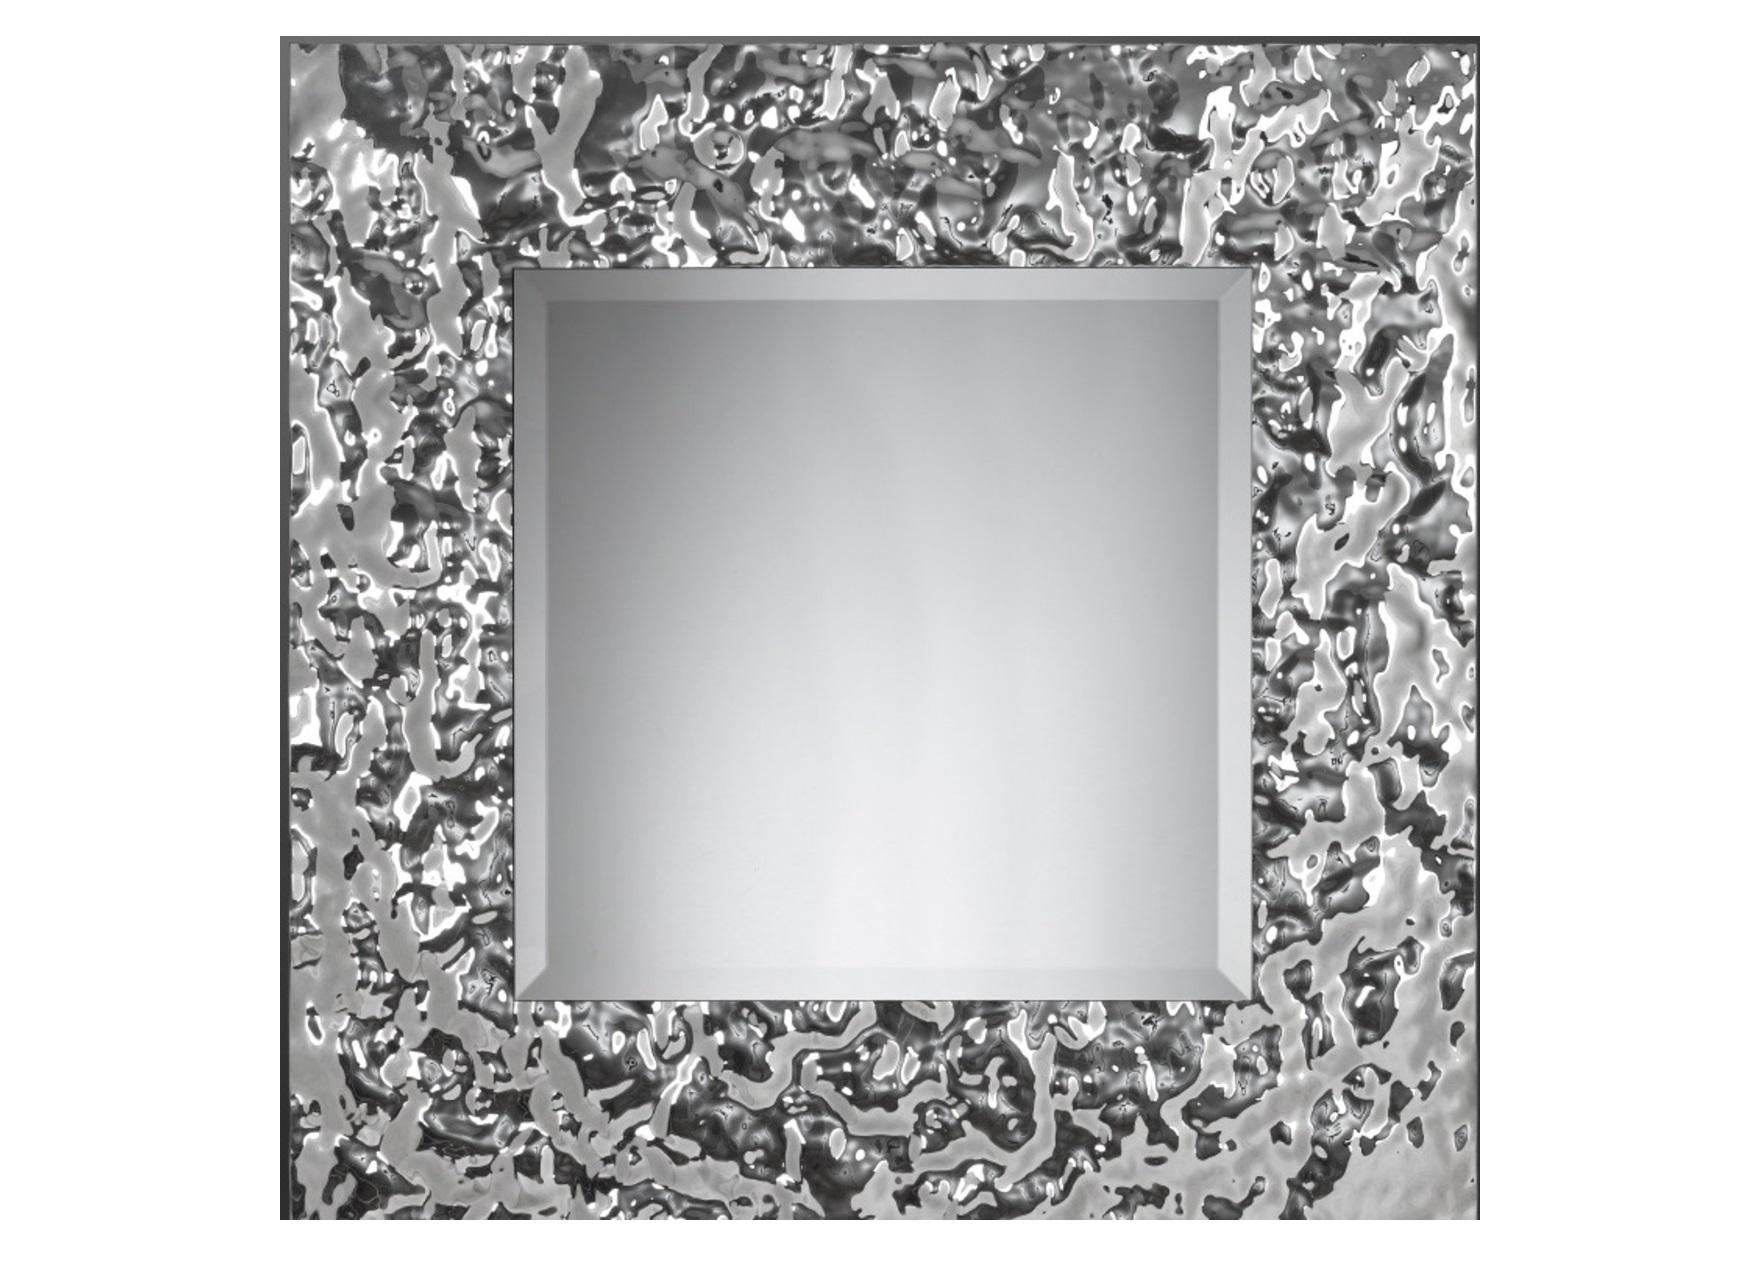 Зеркало Квадрат AquaНастенные зеркала<br>Квадратное зеркало в величественном обрамлении из стекла легко станет предметом гордости в вашем доме. Зеркало само по себе – уже эффектный декор. А уж если это, квадратное зеркало от Plusobject, то речь идет об уникальном продукте талантливых дизайнеров — братьев Фомичевых.  Обрамление зеркала имитирует поверхность воды, застывшую на долю секунды .  Зеркало в собранном виде и в комплекте есть крепления.<br><br>Material: Стекло<br>Width см: None<br>Depth см: 5<br>Height см: None<br>Diameter см: 80